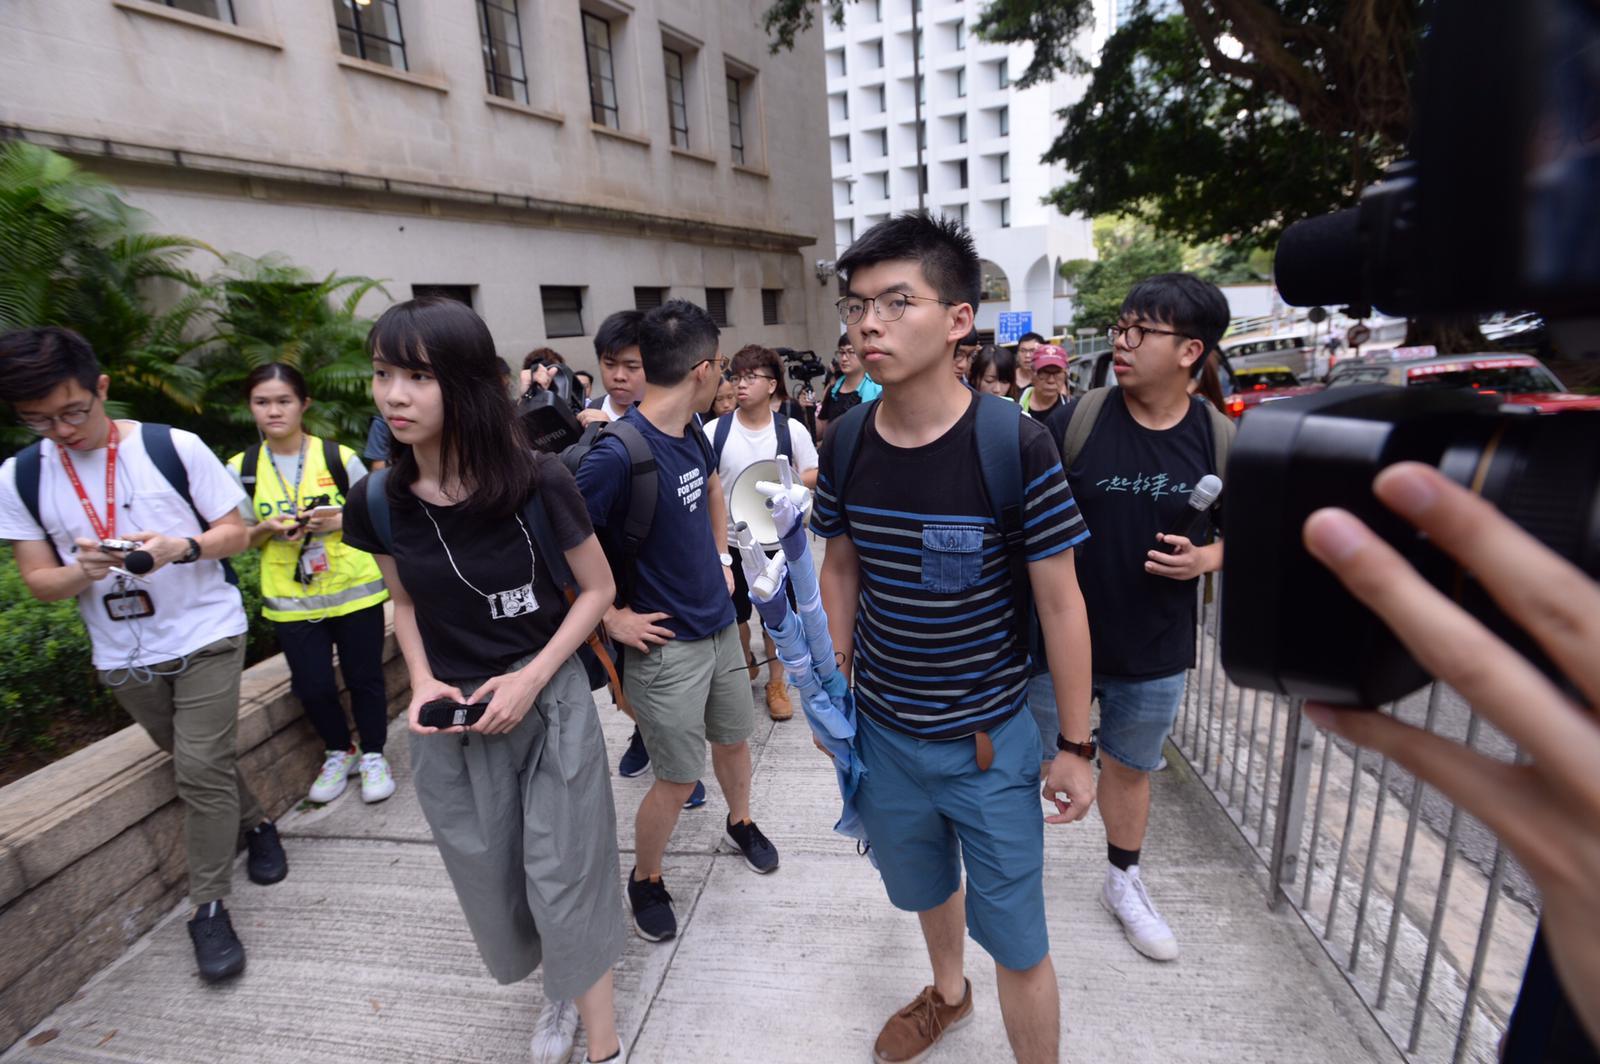 香港眾志十多人到場外高喊口號。